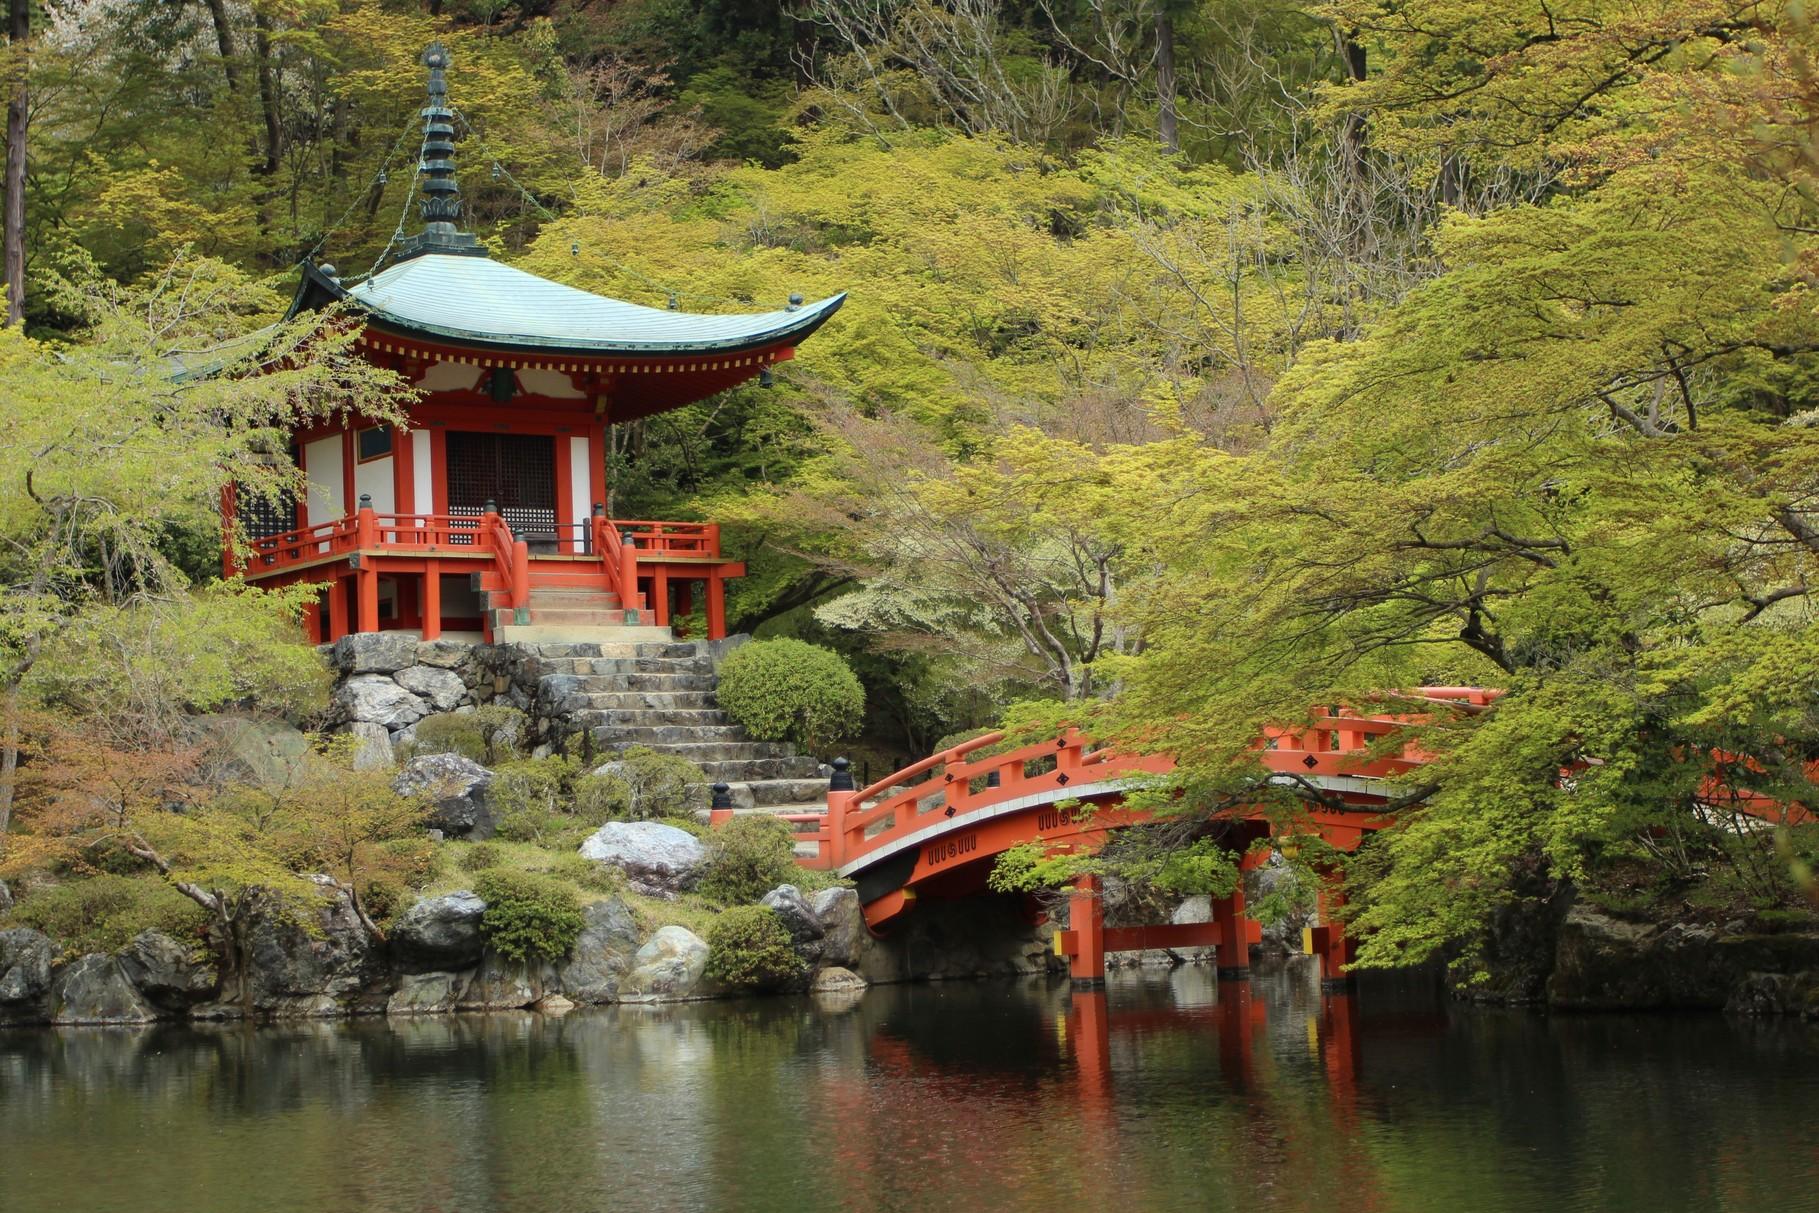 京都市, 醍醐寺  Kyōto, Daigoji